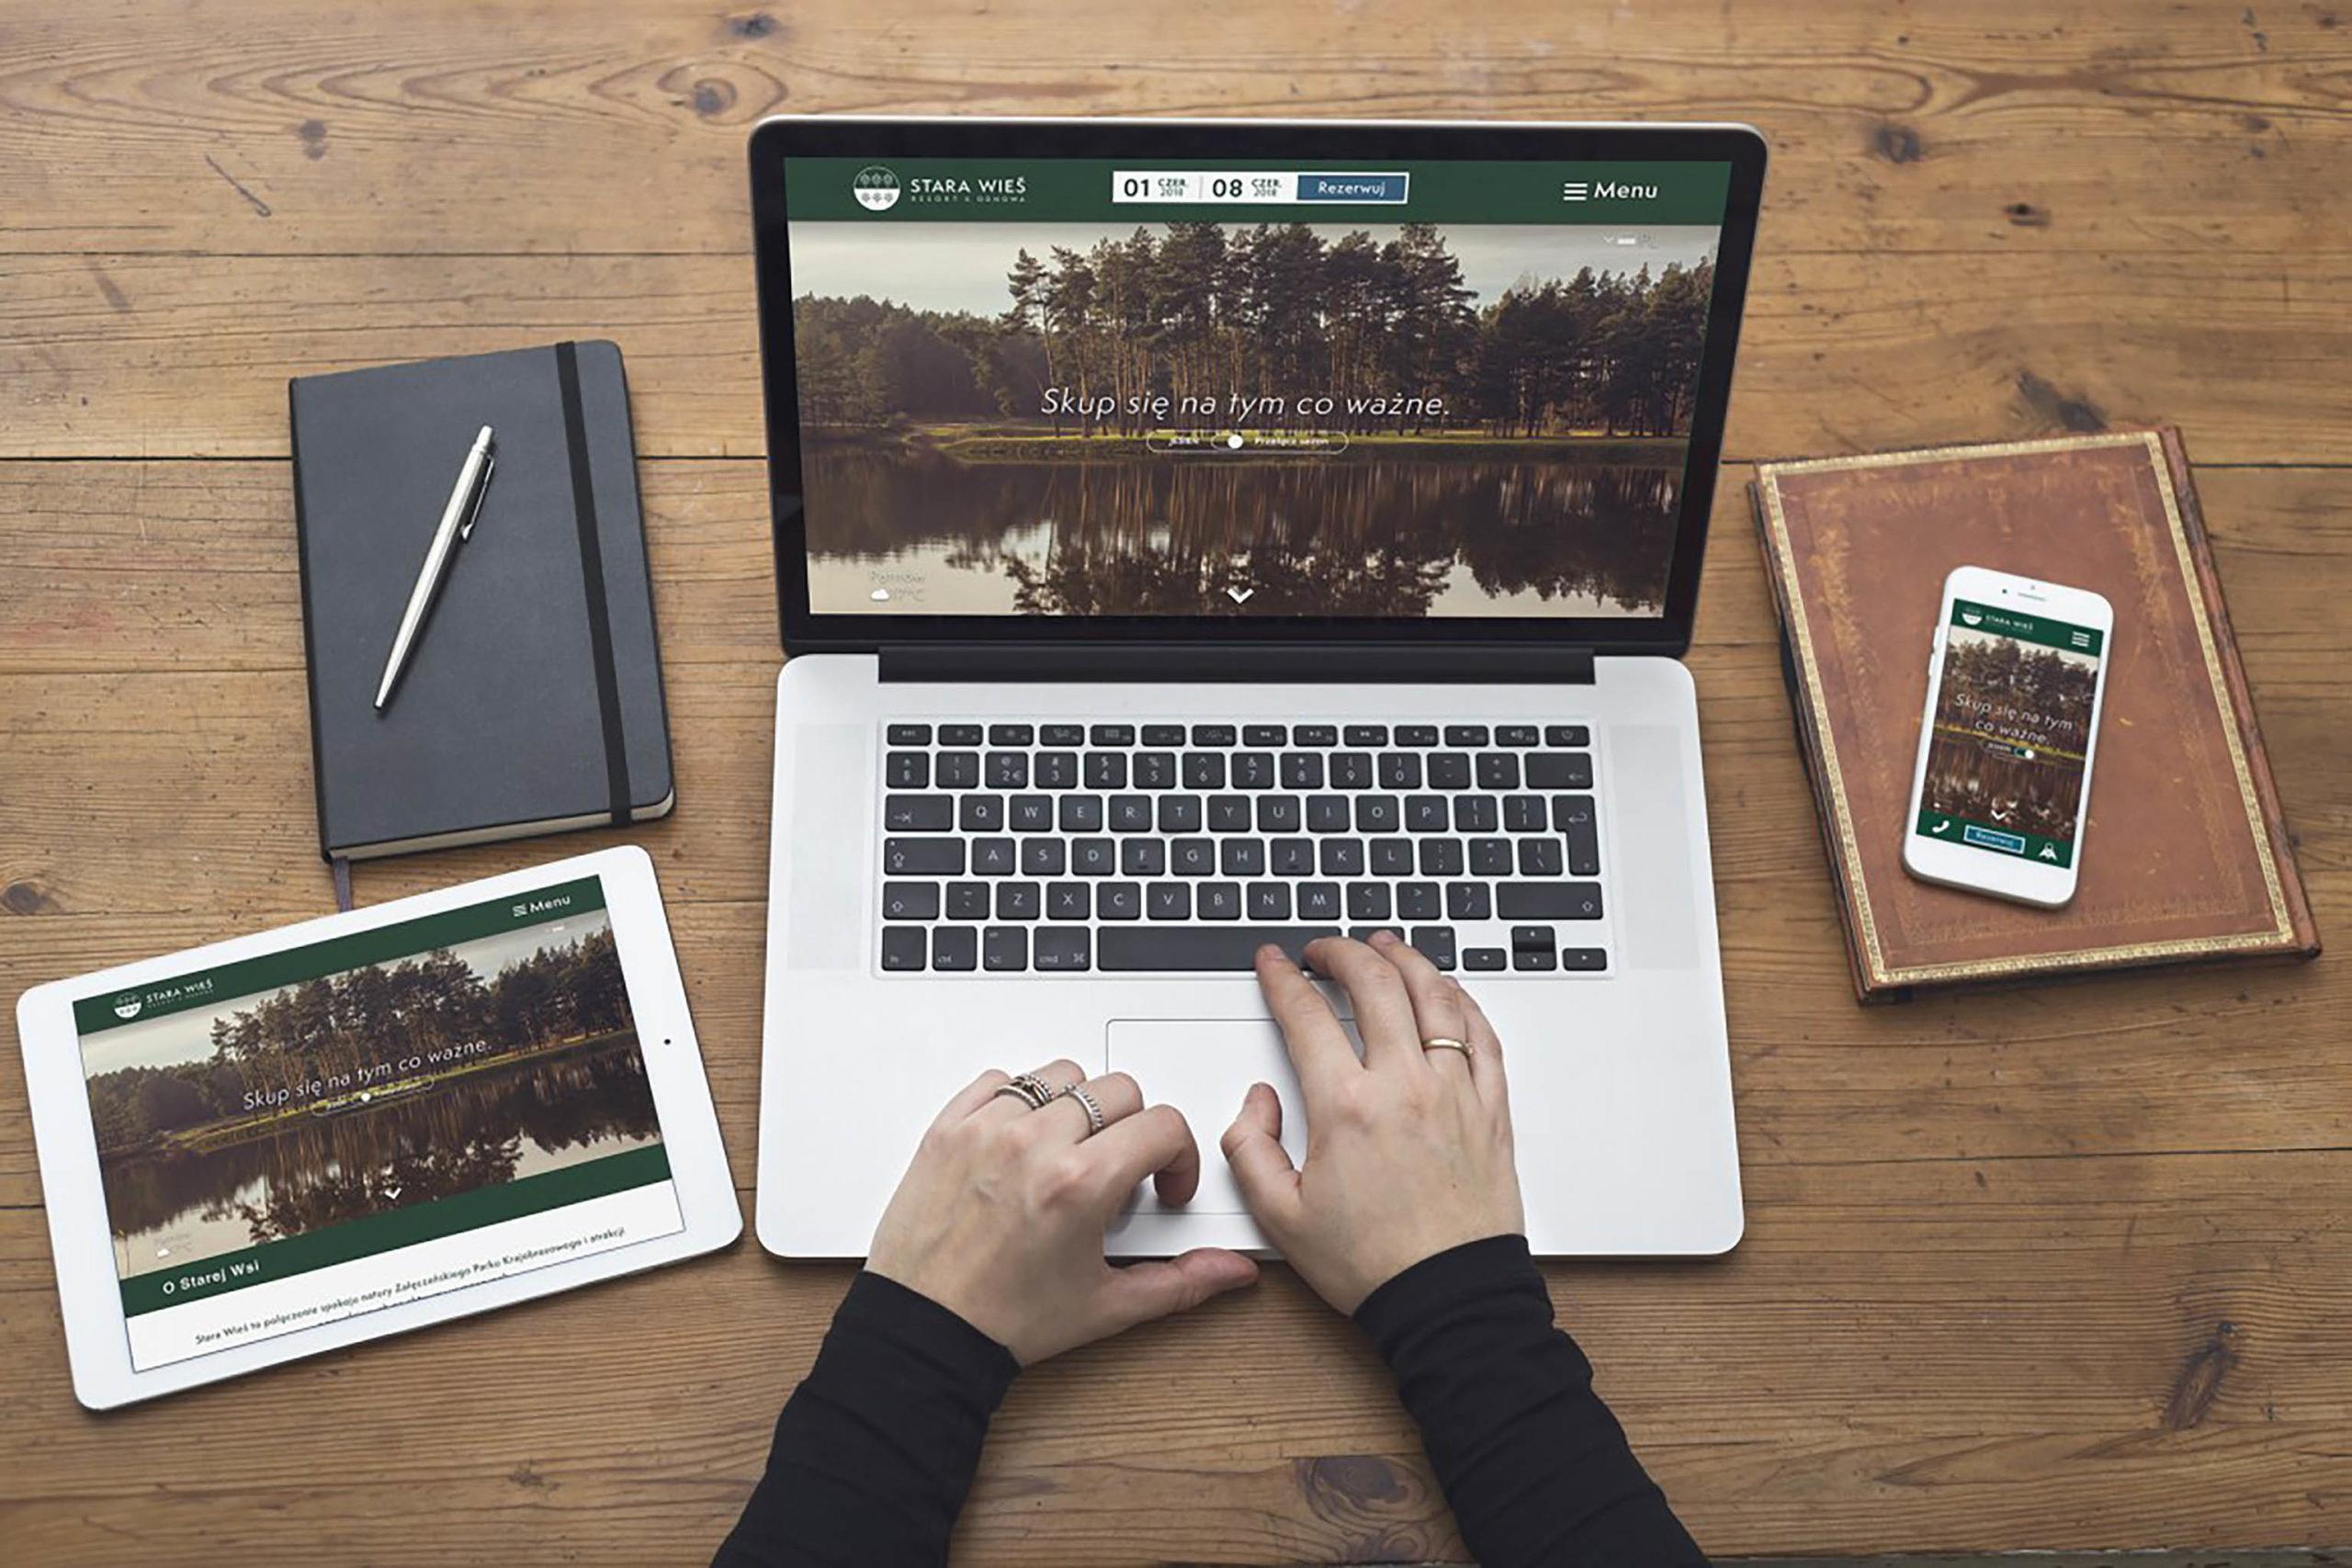 projekt strony stara wies projekt strony stara wies - kto projektował stronę Stara Wieś - Fallow Deer